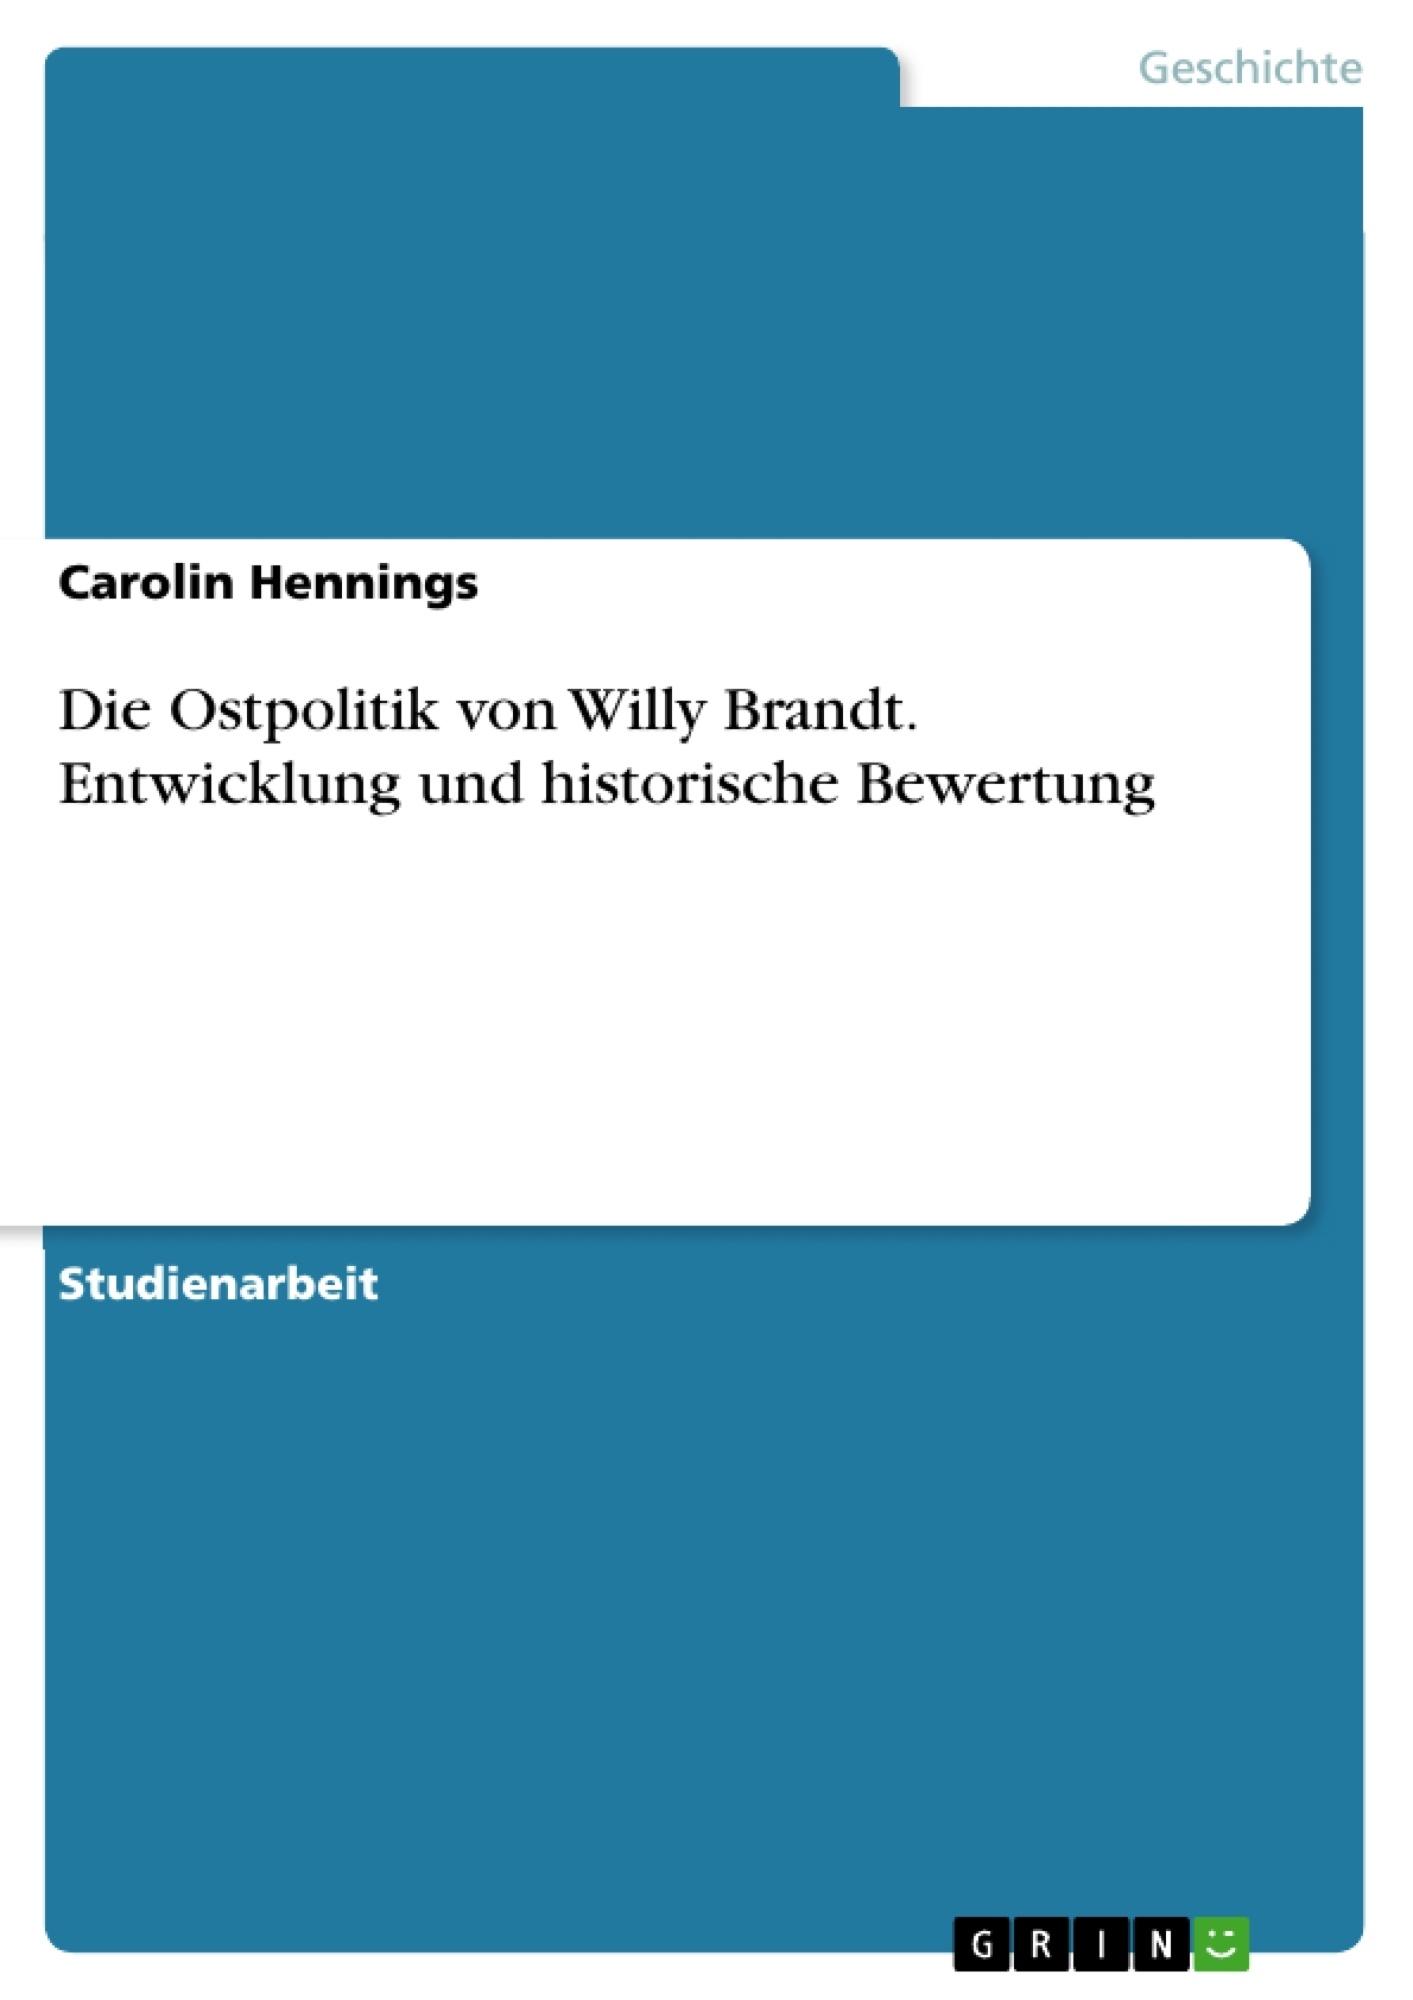 Titel: Die Ostpolitik von Willy Brandt. Entwicklung und historische Bewertung